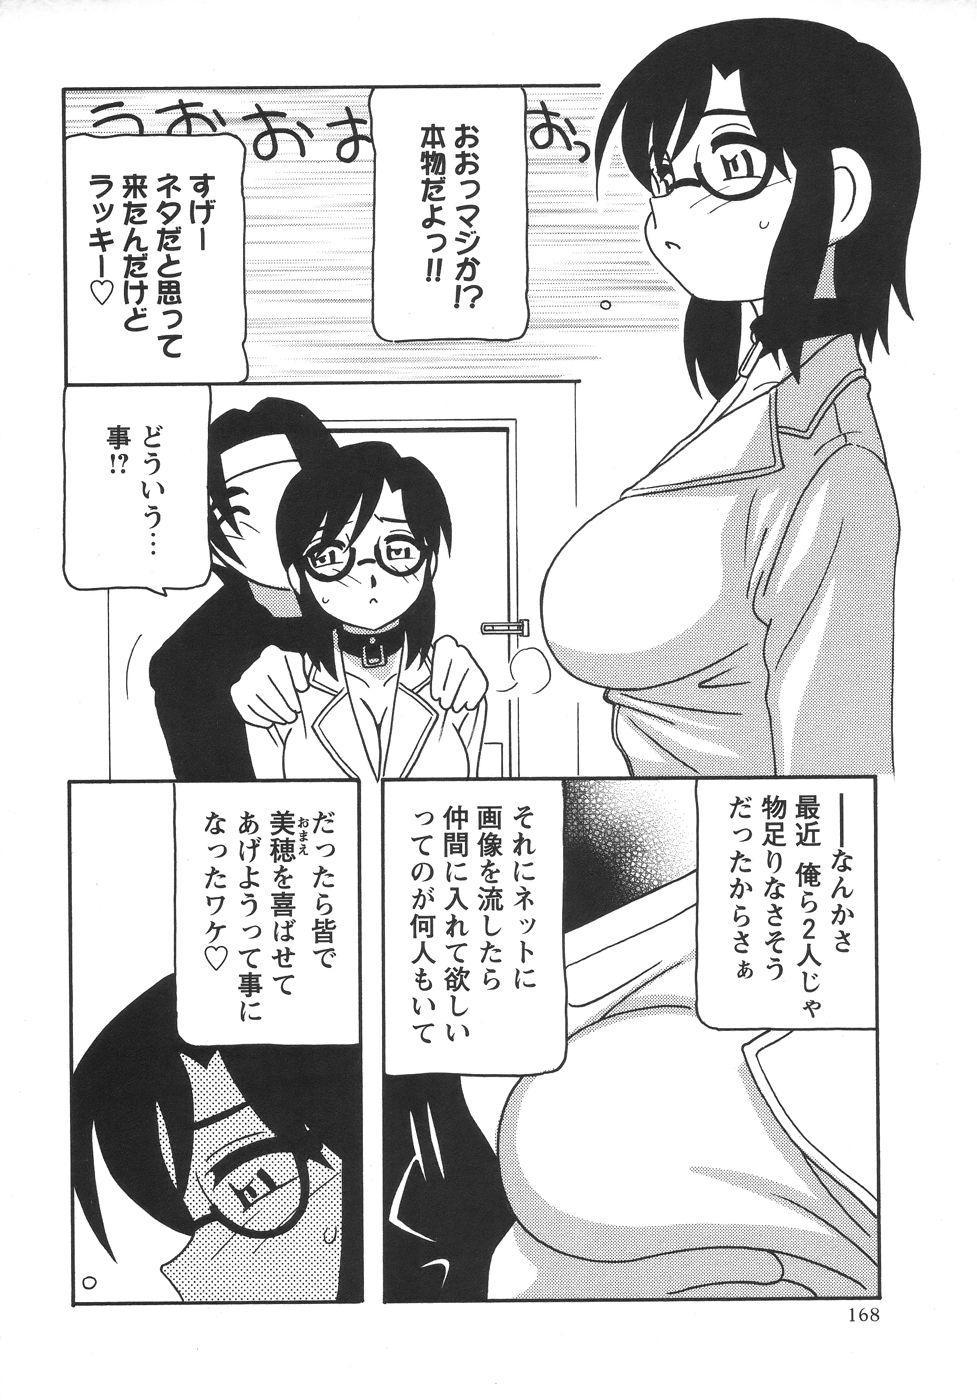 Comic Masyo 2006-06 167